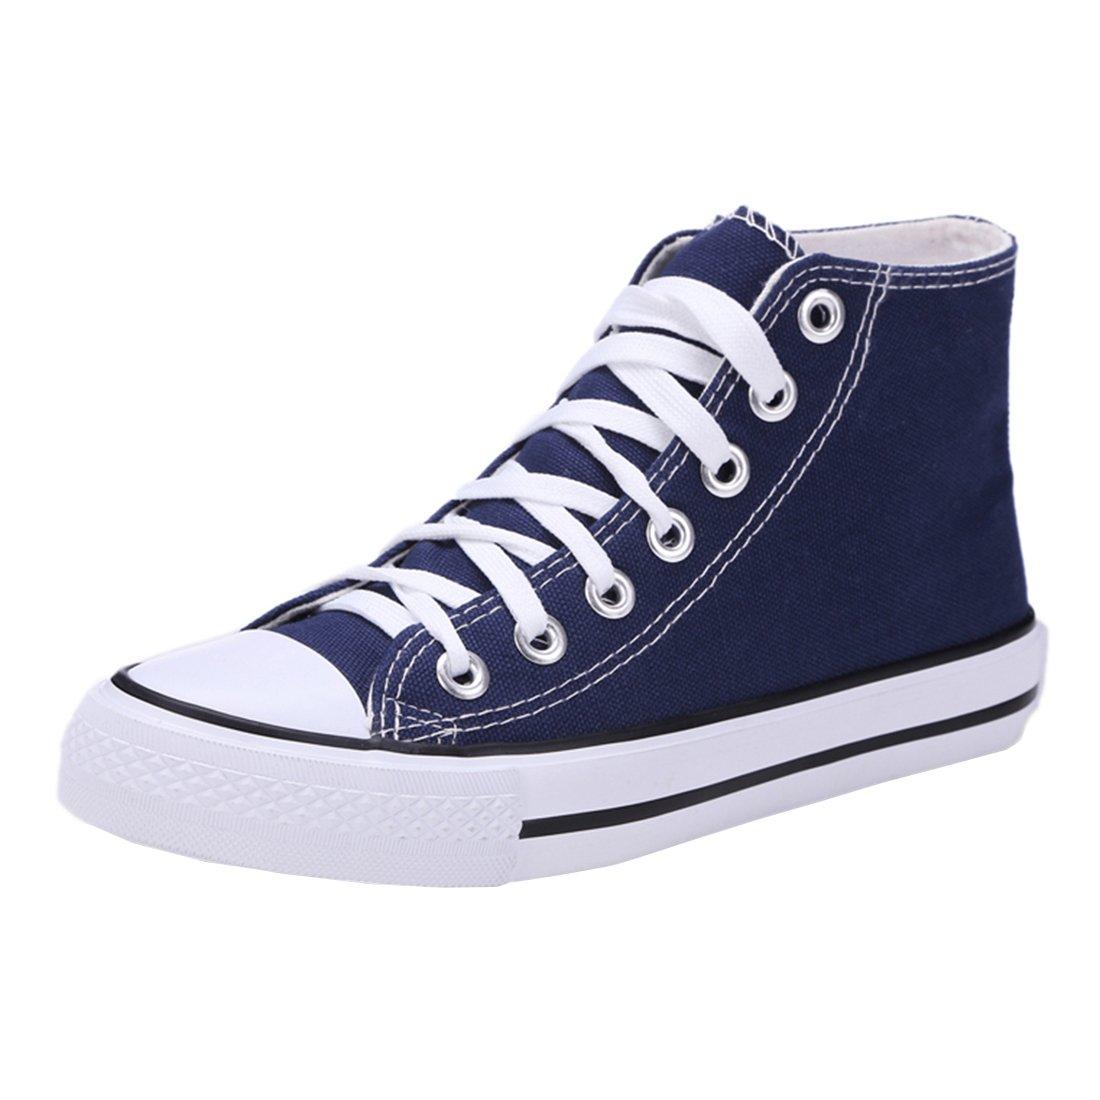 YE Eapadrilles 16015 en en Toile Plateforme B078TMMKZ8 Femme Plates Chaussures de Sport Shoes Runing Sneakers Boots Outdoor avec Lacets Bleu eb0c6a3 - automatisms.space